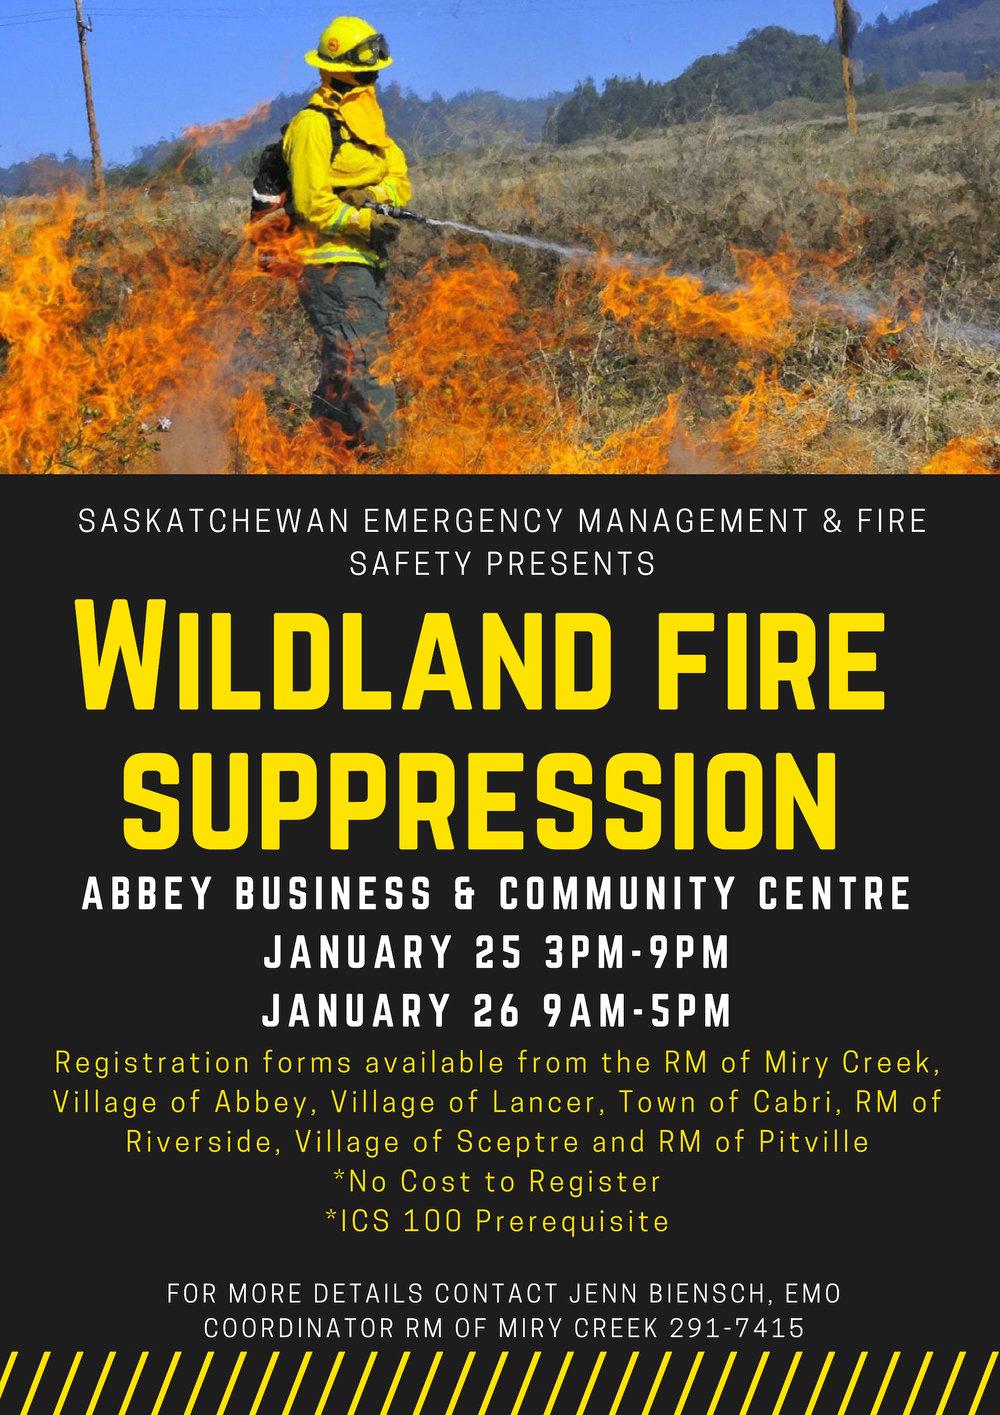 wildland fire poster.jpg